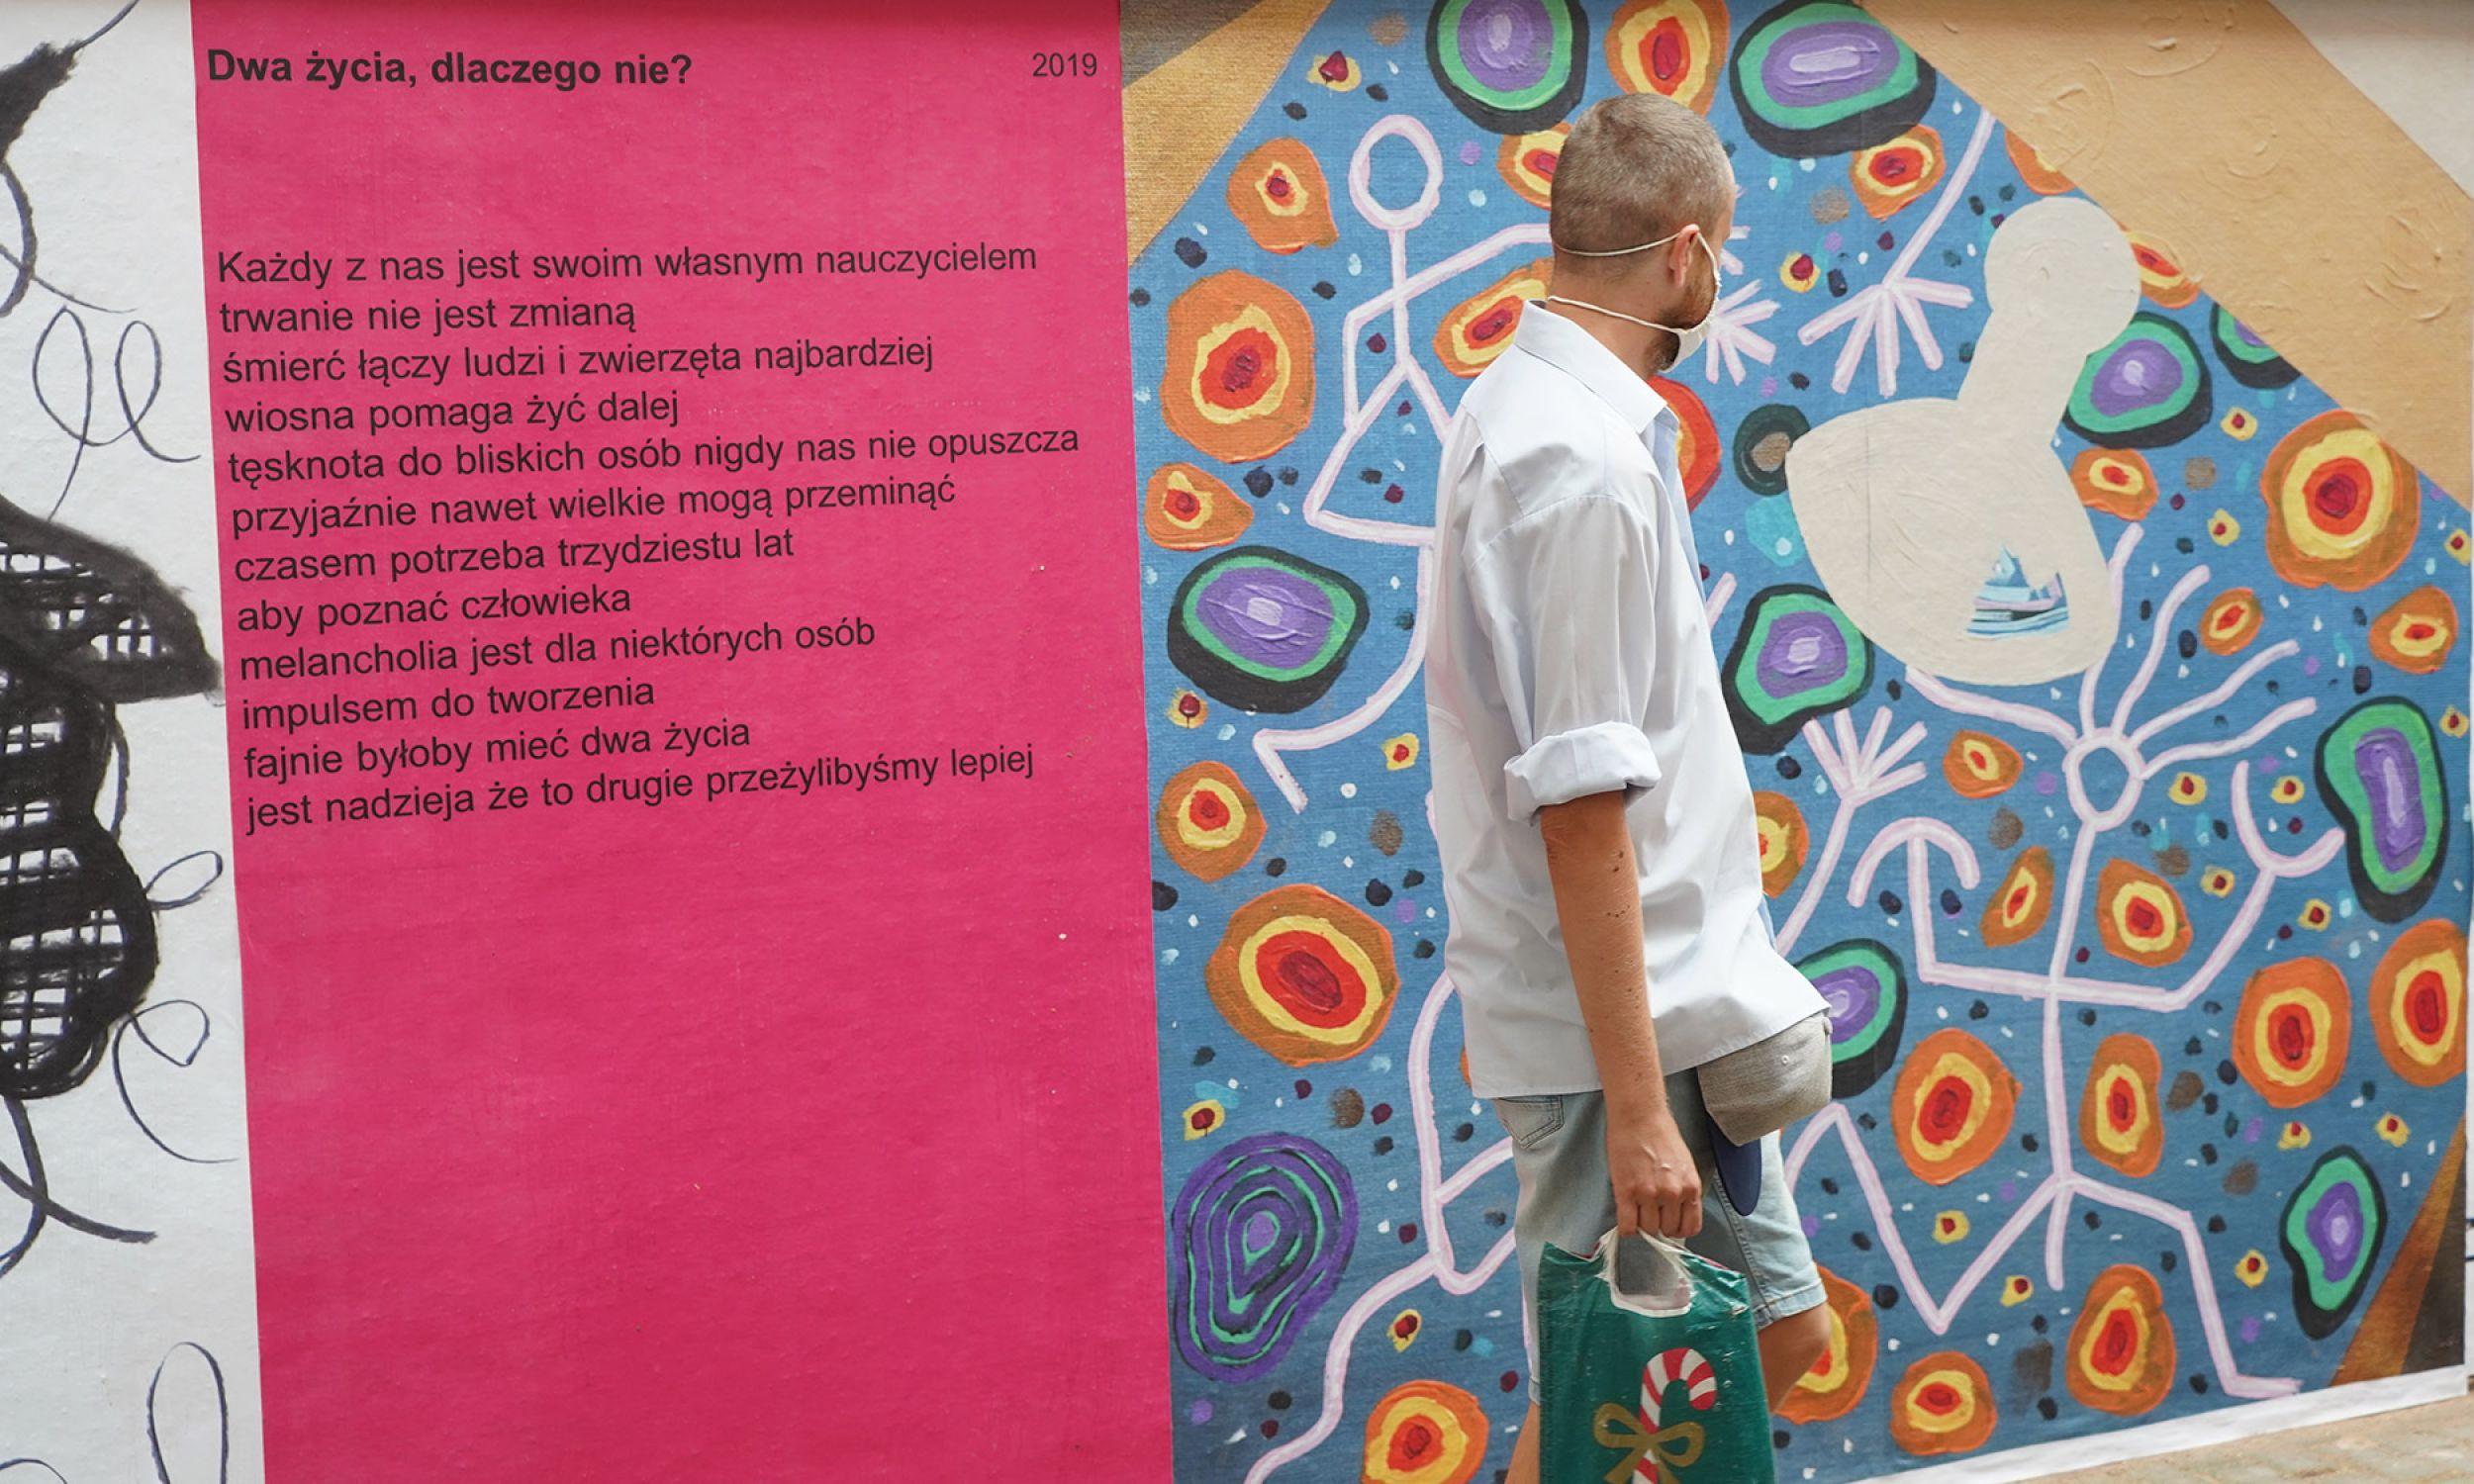 """Obrazy i rysunki (tzn. wielkoformatowe reprodukcje) Ryszarda Grzyba przeplatane są wierszami. Fot. Mazowieckie Centrum Sztuki Współczesnej """"Elektrownia"""""""